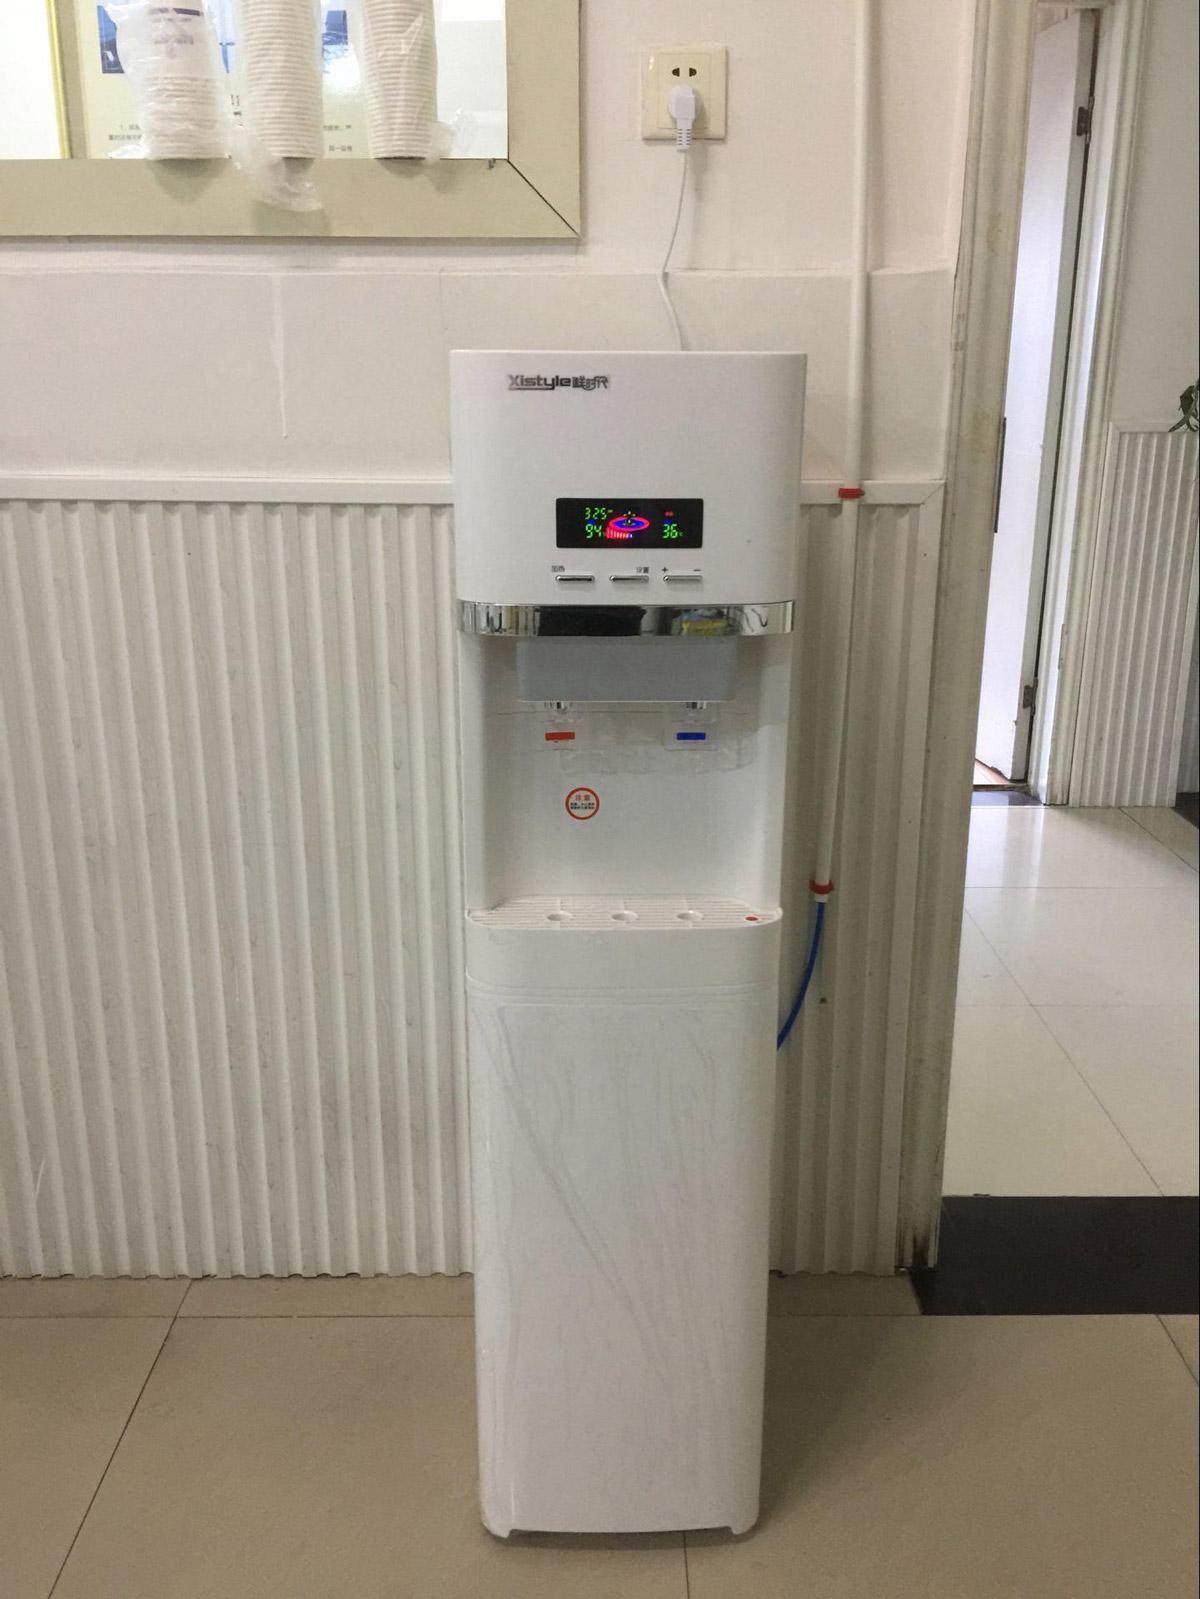 10-50人办公室净水器该怎么选?长沙办公室装什么样的净水器比较合适。